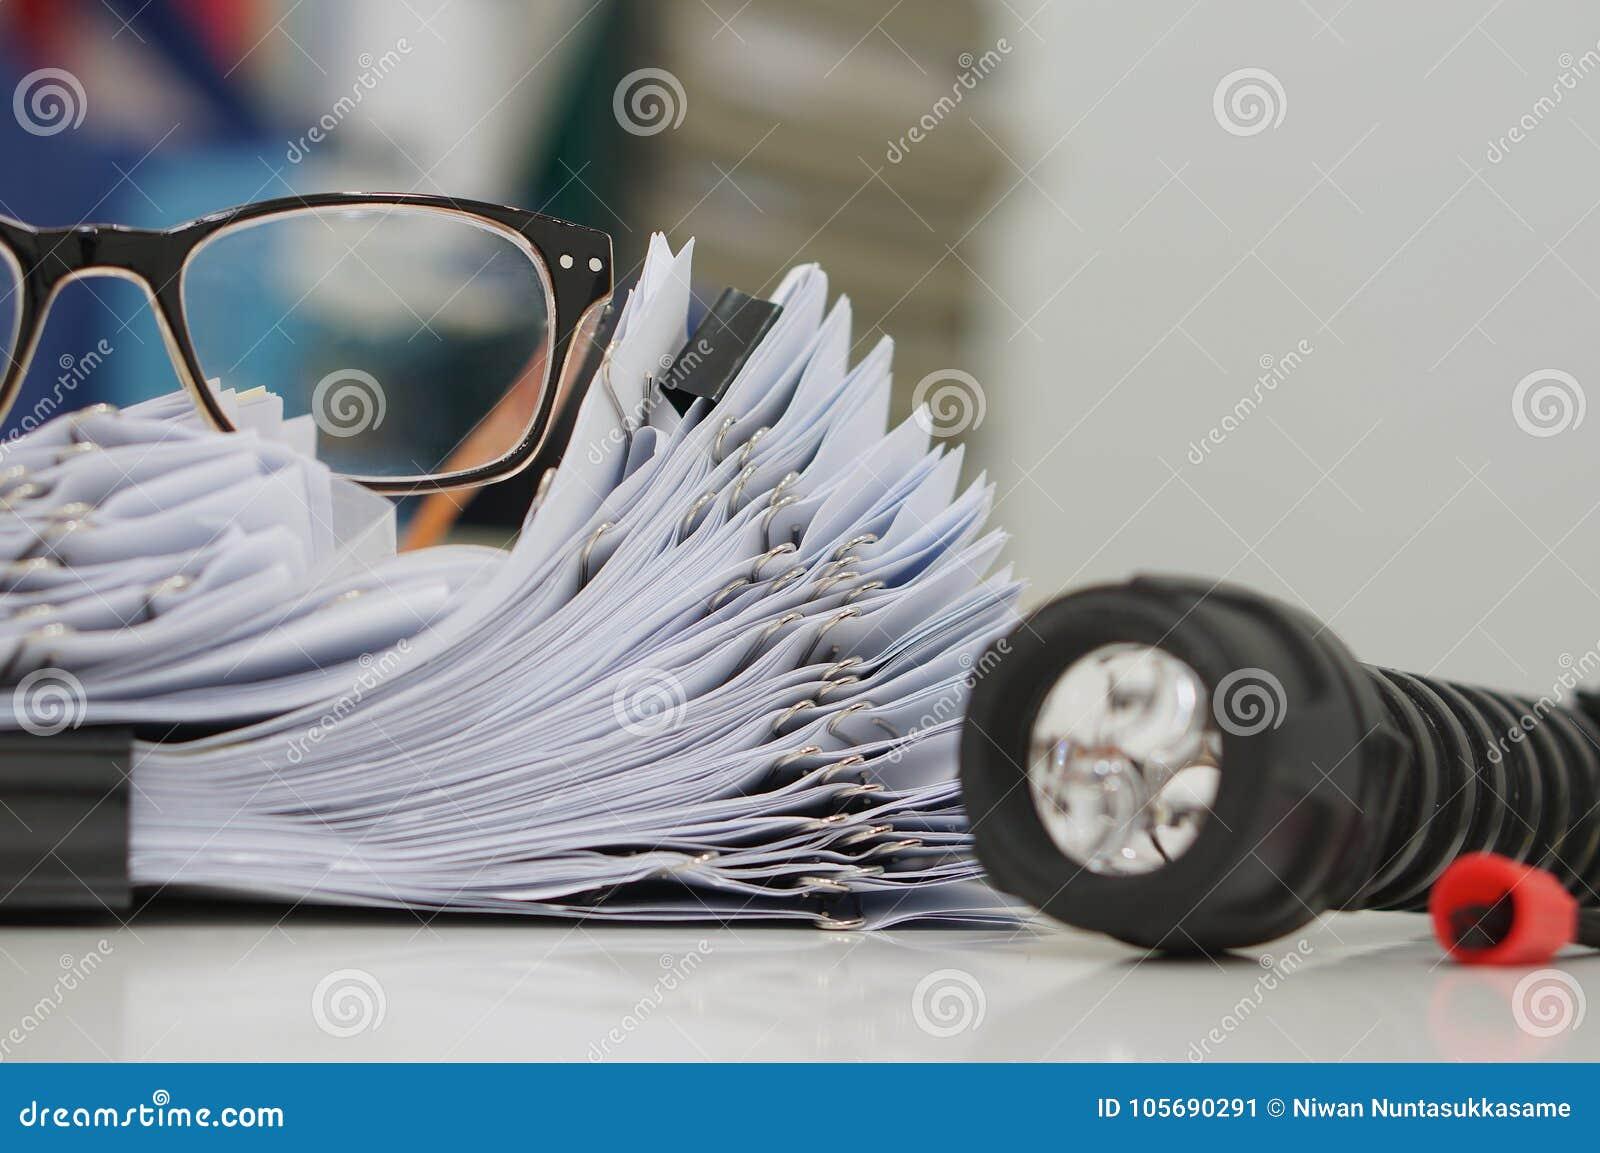 Unfertiges Dokument, Stapel Papierarchive mit Clipn auf Schreibtisch für Bericht, Gläser und Taschenlampe